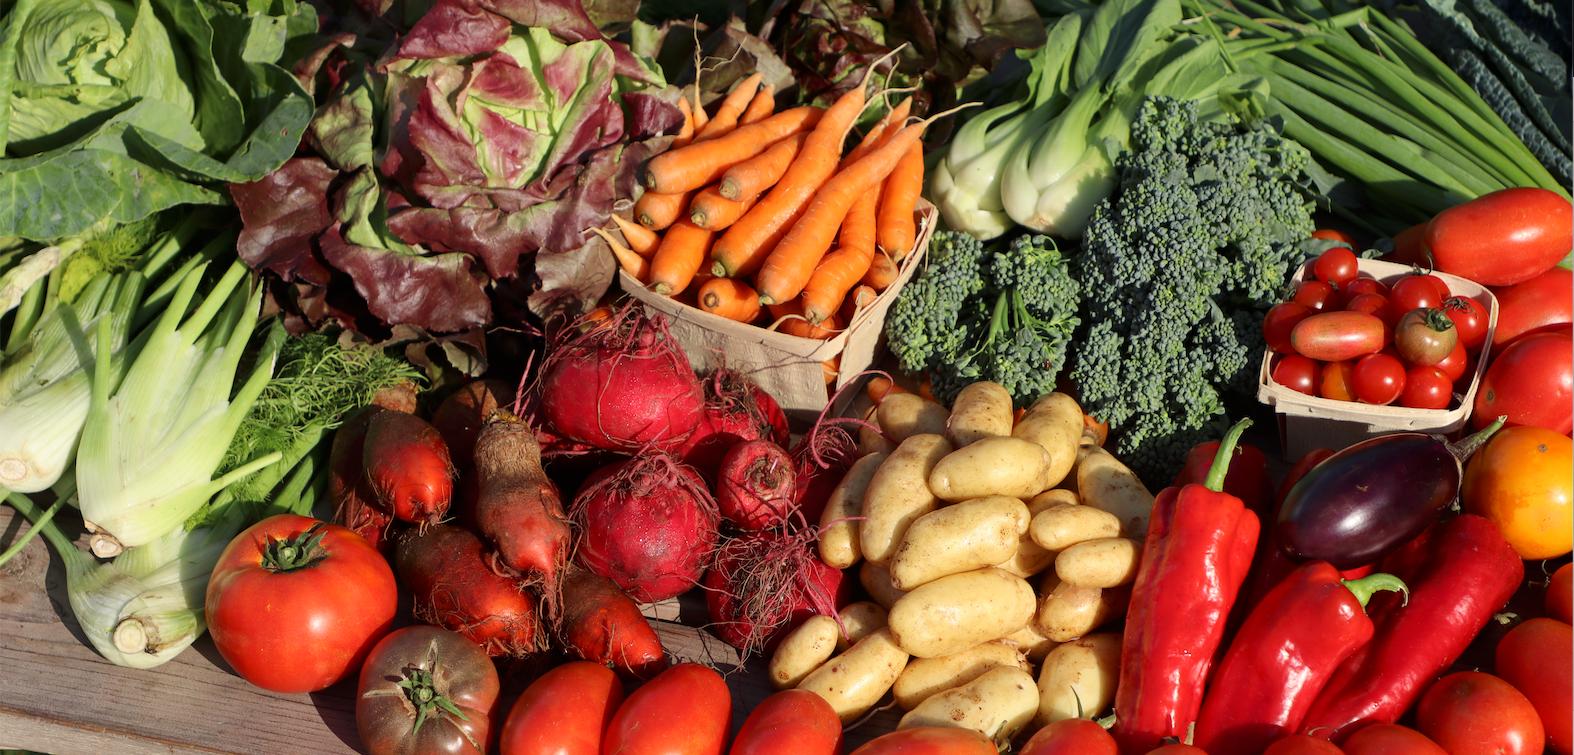 Abondance de légumes - Autonomie alimentaire